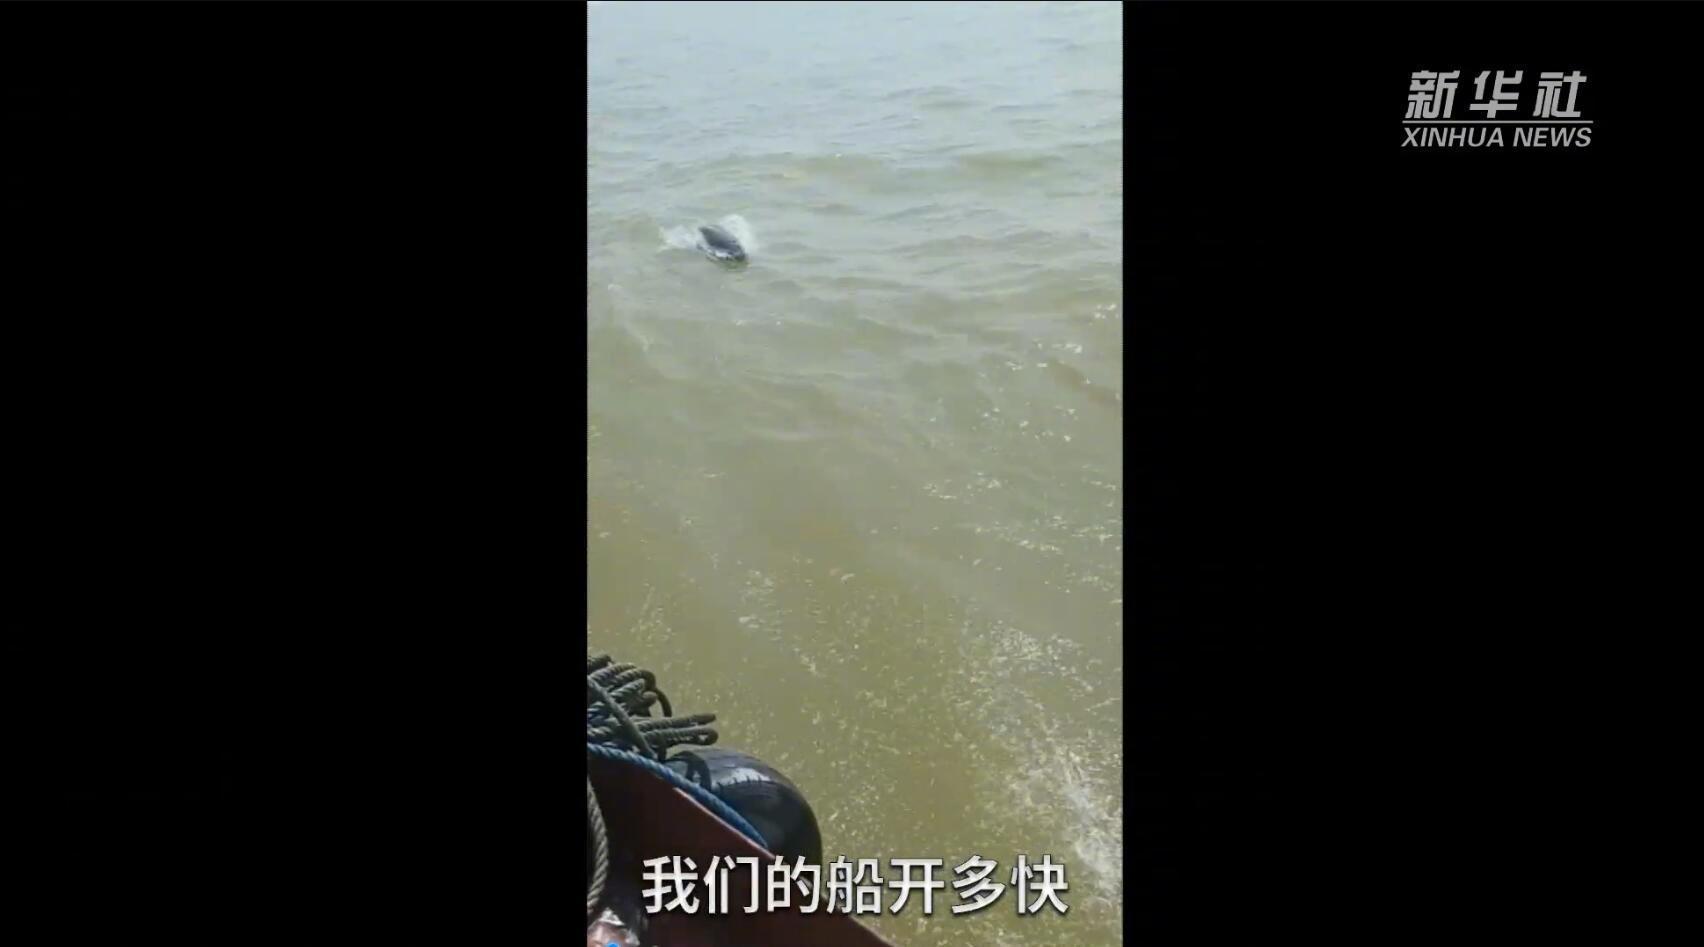 江西鄱阳湖江豚喜逐巡护船